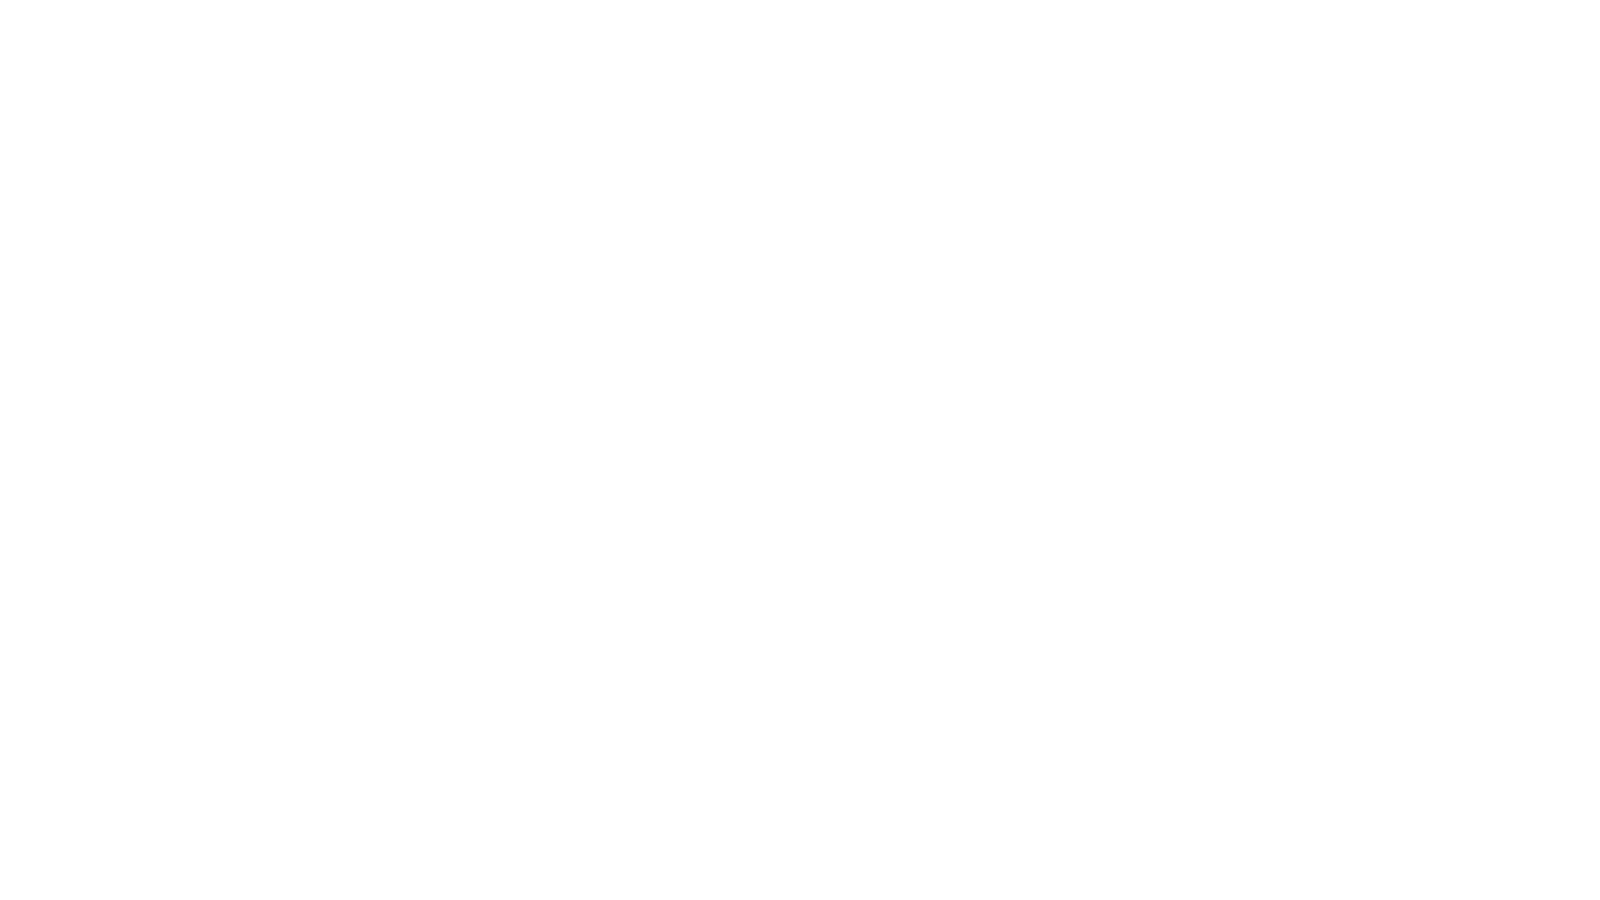 Aujourd'hui nous allons apprendre à réaliser un pain d'épices moelleux et parfumé 🤤 !  ❤️Déroulez la barre d'info pour les ingrédients, matériel et mes astuces ❤️ 🔥 ABONNEZ-VOUS https://bit.ly/3jEmeoW à ma chaîne YouTube pour ne pas rater les prochaines vidéos  ==================== 🥚 LES INGREDIENTS ====================  - lait : 100g  - miel : 230g - sucre cassonnade : 50g - sucre vanillé : 7g - épices : 6g - zeste d'orange : 1 orange - beurre demi-sel : 50g - farine : 250g  - levure chimique : 1 sachet - oeuf : 100g (2 oeufs moyens) - jus d'orange : 50g  50 min de cuisson à 150°C en convection naturelle.  Retrouvez toutes les informations de cette recette sur https://www.mycake.fr/pain-depices/  Si vous avez des suggestions de vidéo que vous souhaiteriez sur le Cake Design, faites m'en part par commentaires ci-dessous !  ==================================== 🎂 TÉLÉCHARGER MON EBOOK GRATUIT ==================================== Découvrez mes 11 Outils Pour Cake Designer https://bit.ly/37GdVGb  ===================== 🌟 MYCAKE PREMIUM ===================== Devenez membre Premium et vous obtiendrez de nombreux avantages : – Toutes les fiches recettes imprimables et personnalisables, – Des réductions exclusives chez nos partenaires, – Et vous m'aidez à travailler plus sur MyCake ! 🙂 https://bit.ly/34DFIUy  =============== 🧁 MES LIVRES =============== 23 Recettes Spéciales Cake Designer : https://bit.ly/3nqszGY  Mes Recettes Préférées de Cupcake https://bit.ly/3njt8SG  =========================== 🤓 MA FORMATION EN LIGNE =========================== Cake Design MasterClass https://bit.ly/36CP99e  ============== 🔔 SUIVEZ-MOI ============== Mon Blog : http://www.mycake.fr Facebook : https://www.facebook.com/mycakefrance Pinterest : https://www.pinterest.com/jessicaquillet/ Instagram : https://www.instagram.com/jessica_mycake.fr   Encore un grand merci ❤️ d'avoir regardé cette vidéo et à très bientôt ! ^^ Jessica